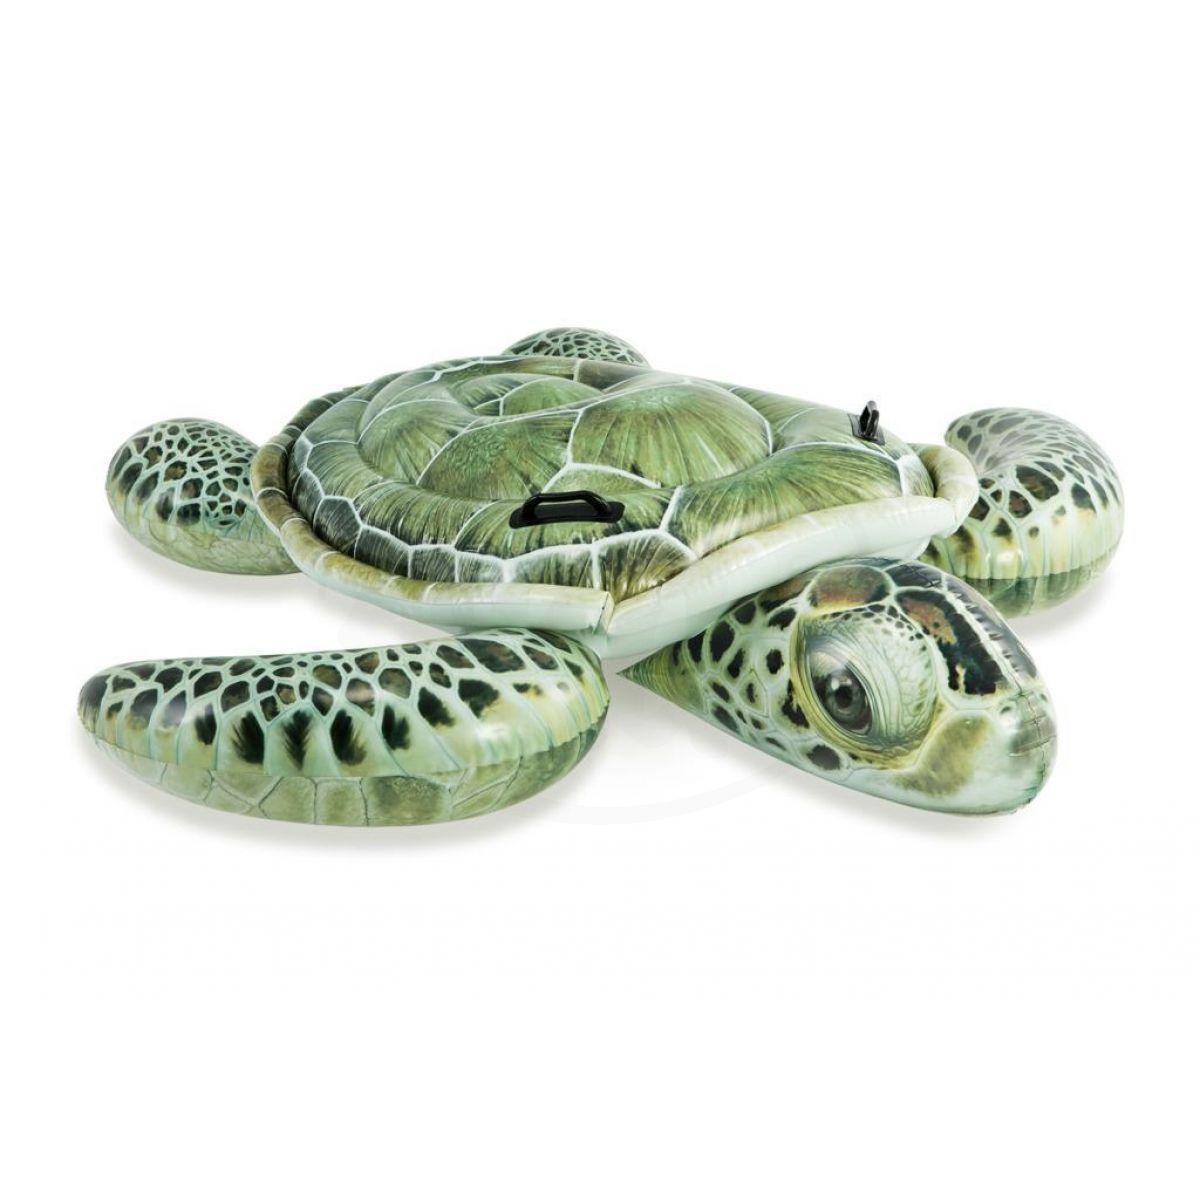 Intex 57555 Nafukovací mořská želva 191x170 cm